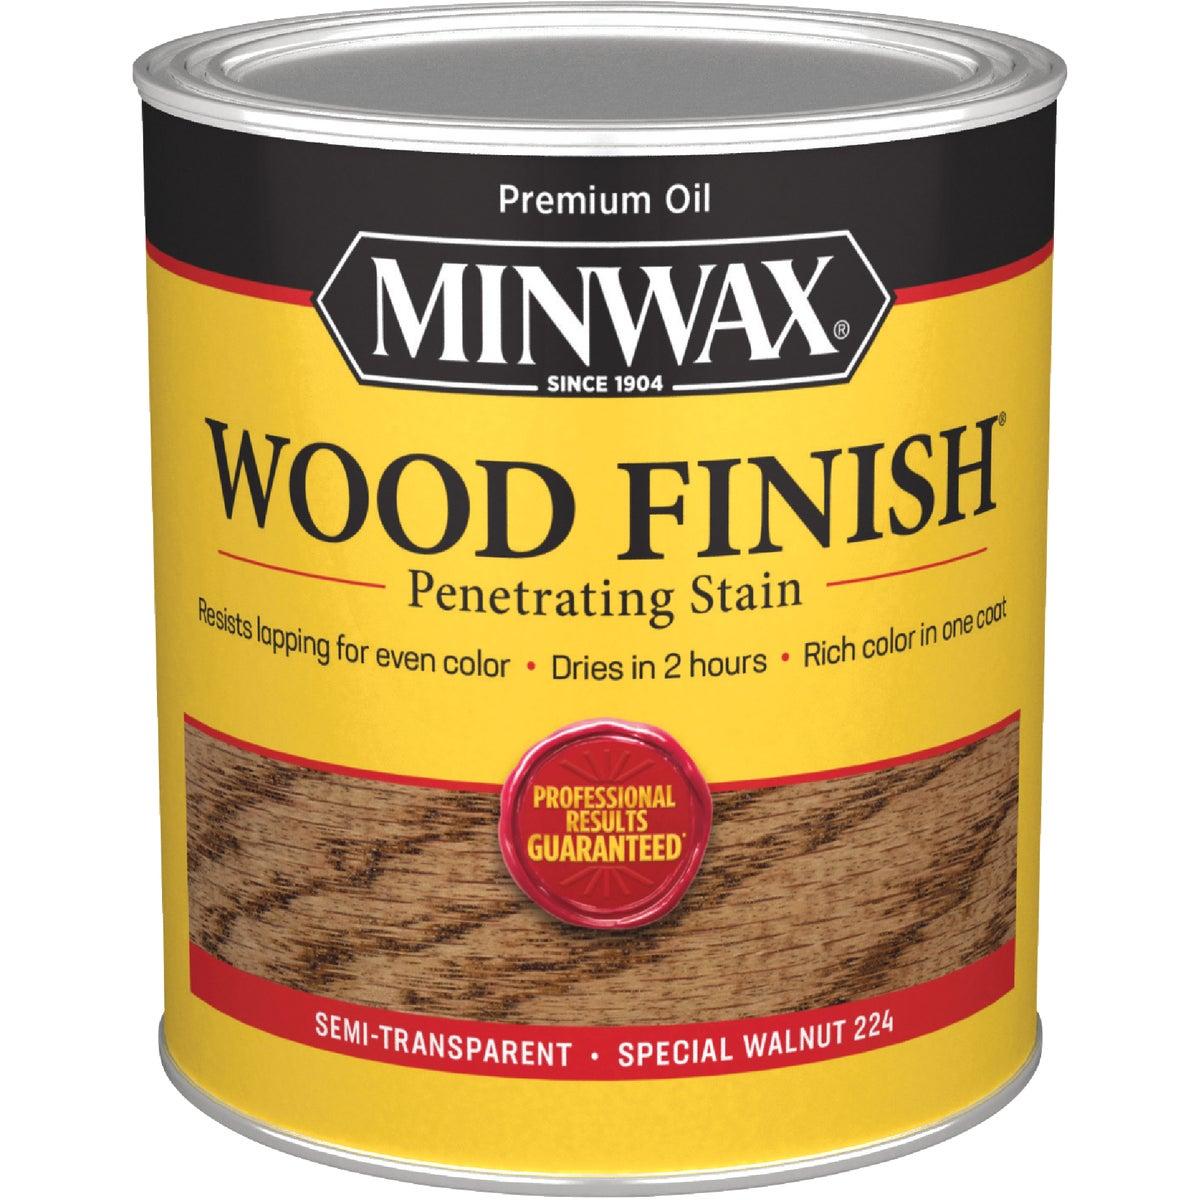 SPEC WALNUT WOOD STAIN - 70006 by Minwax Company